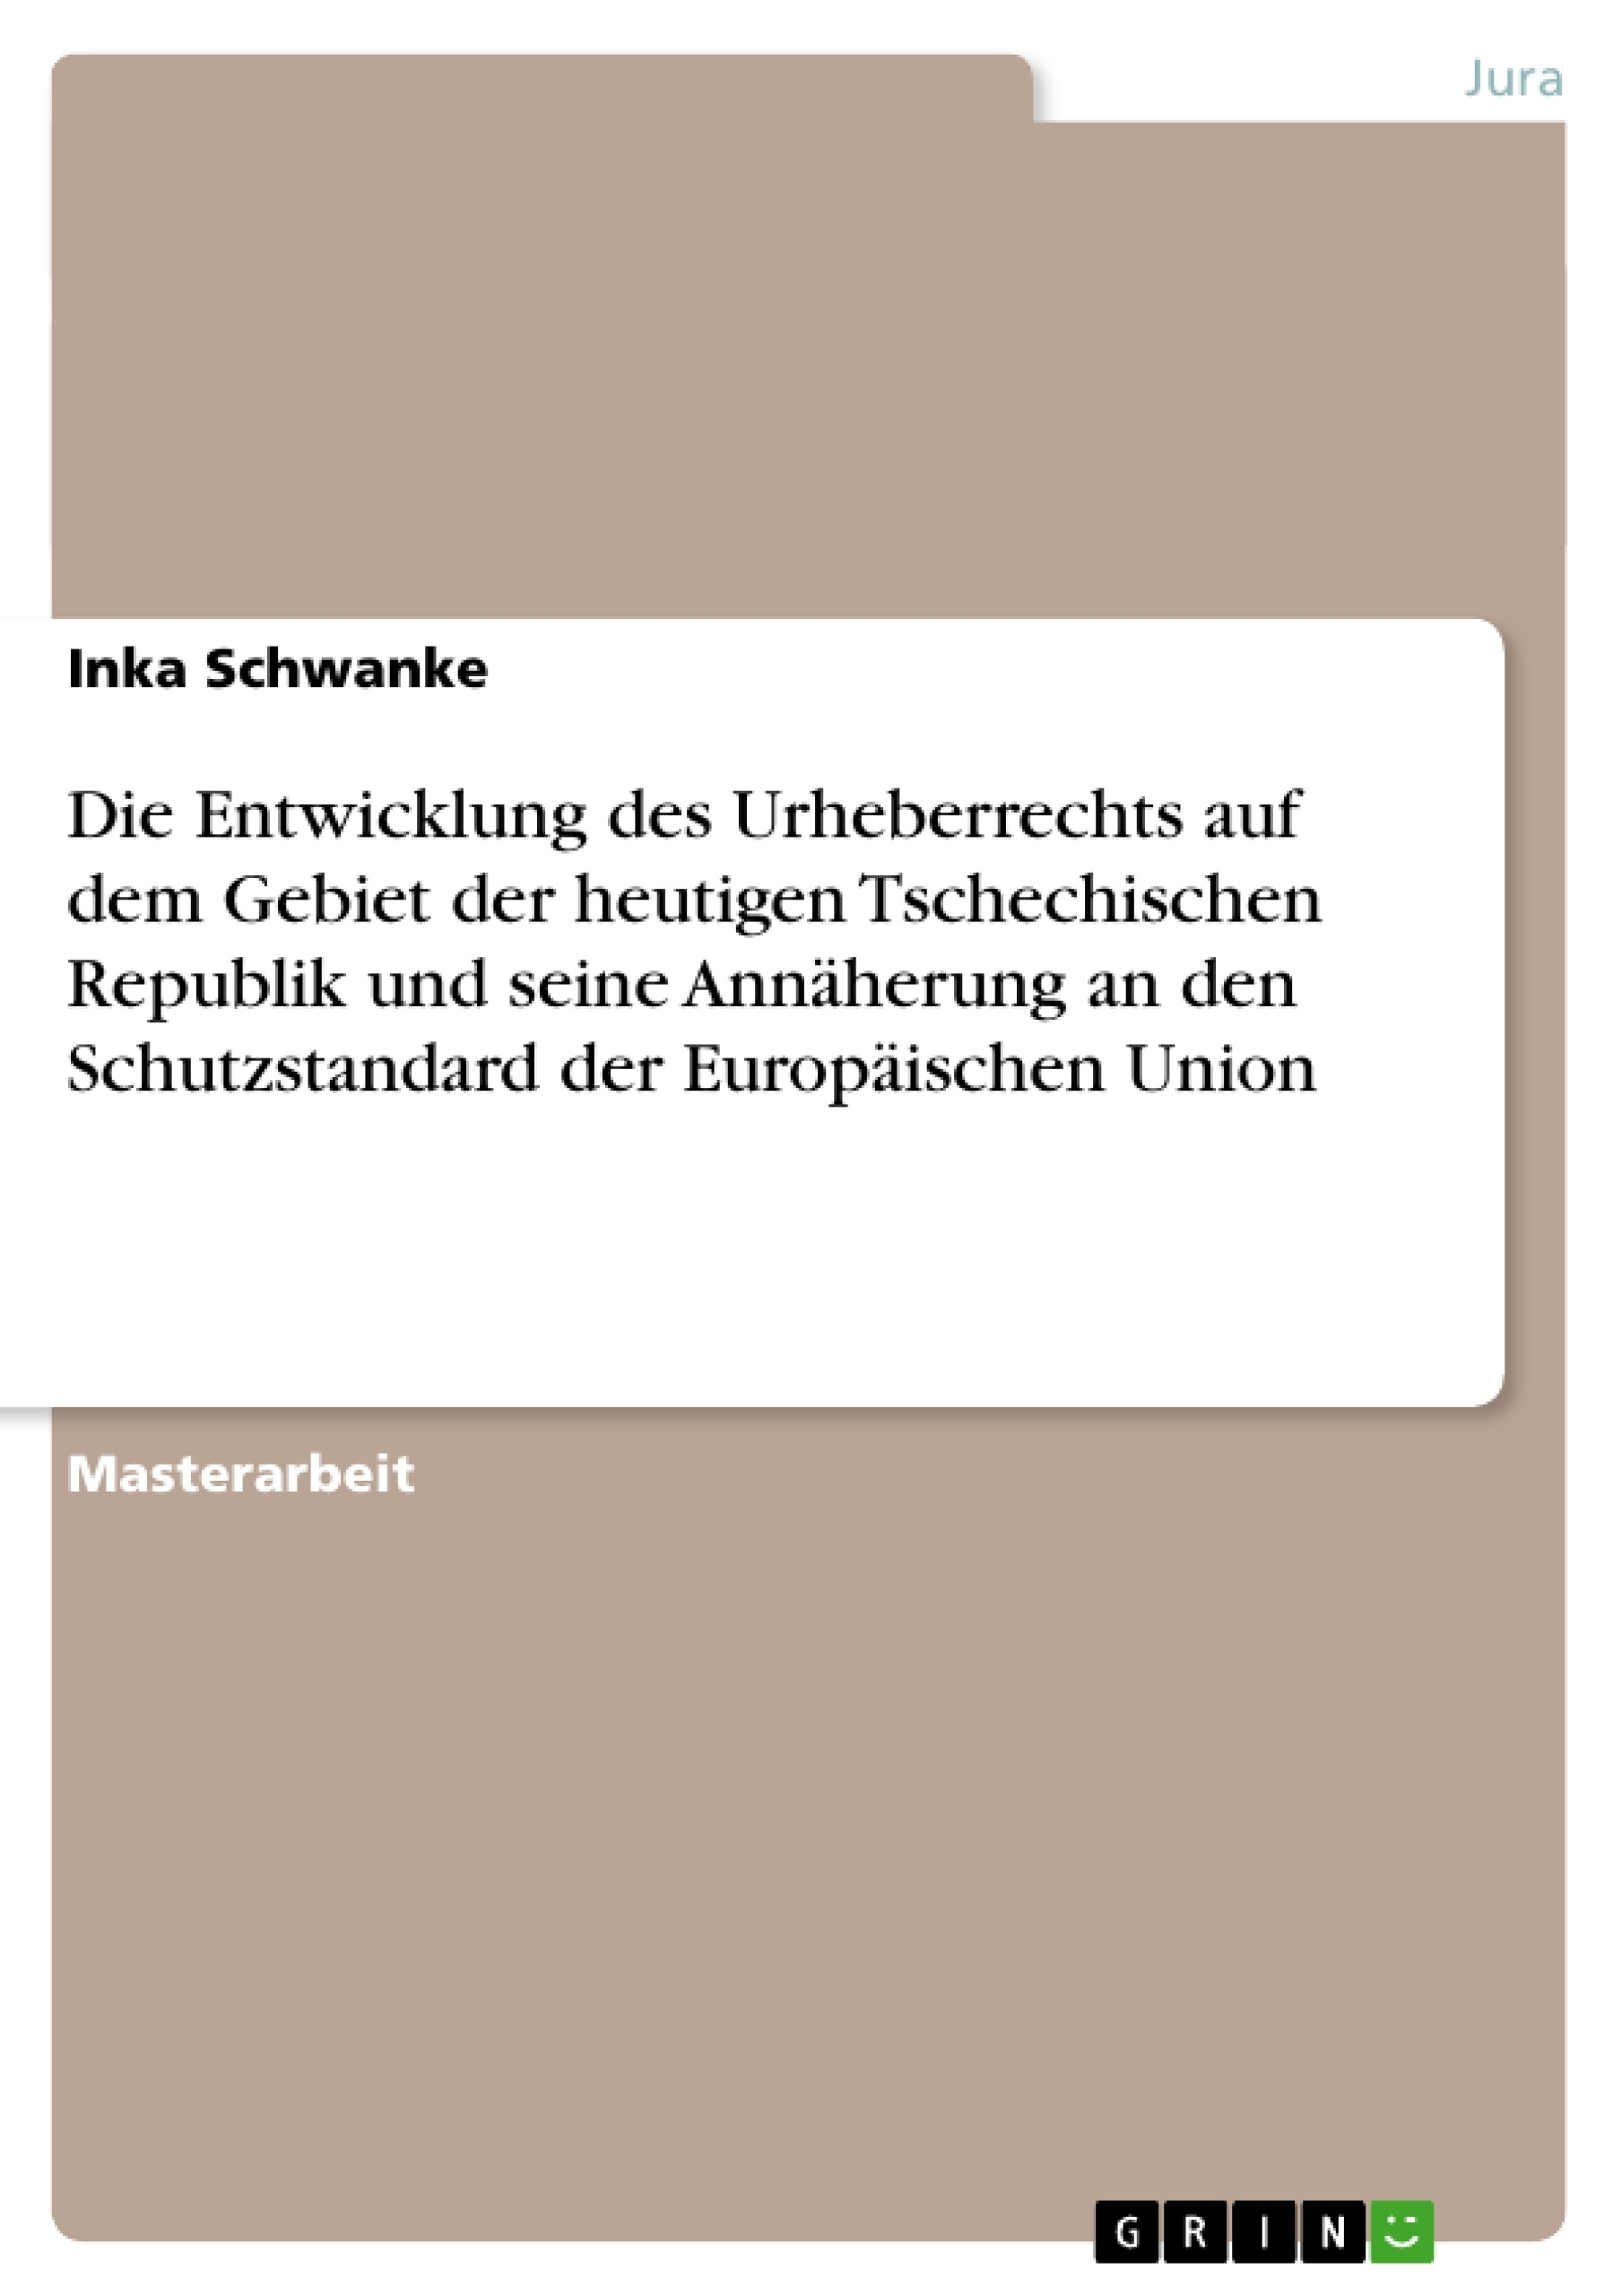 Titel: Die Entwicklung des Urheberrechts auf dem Gebiet der heutigen Tschechischen Republik und seine Annäherung an den Schutzstandard der Europäischen Union